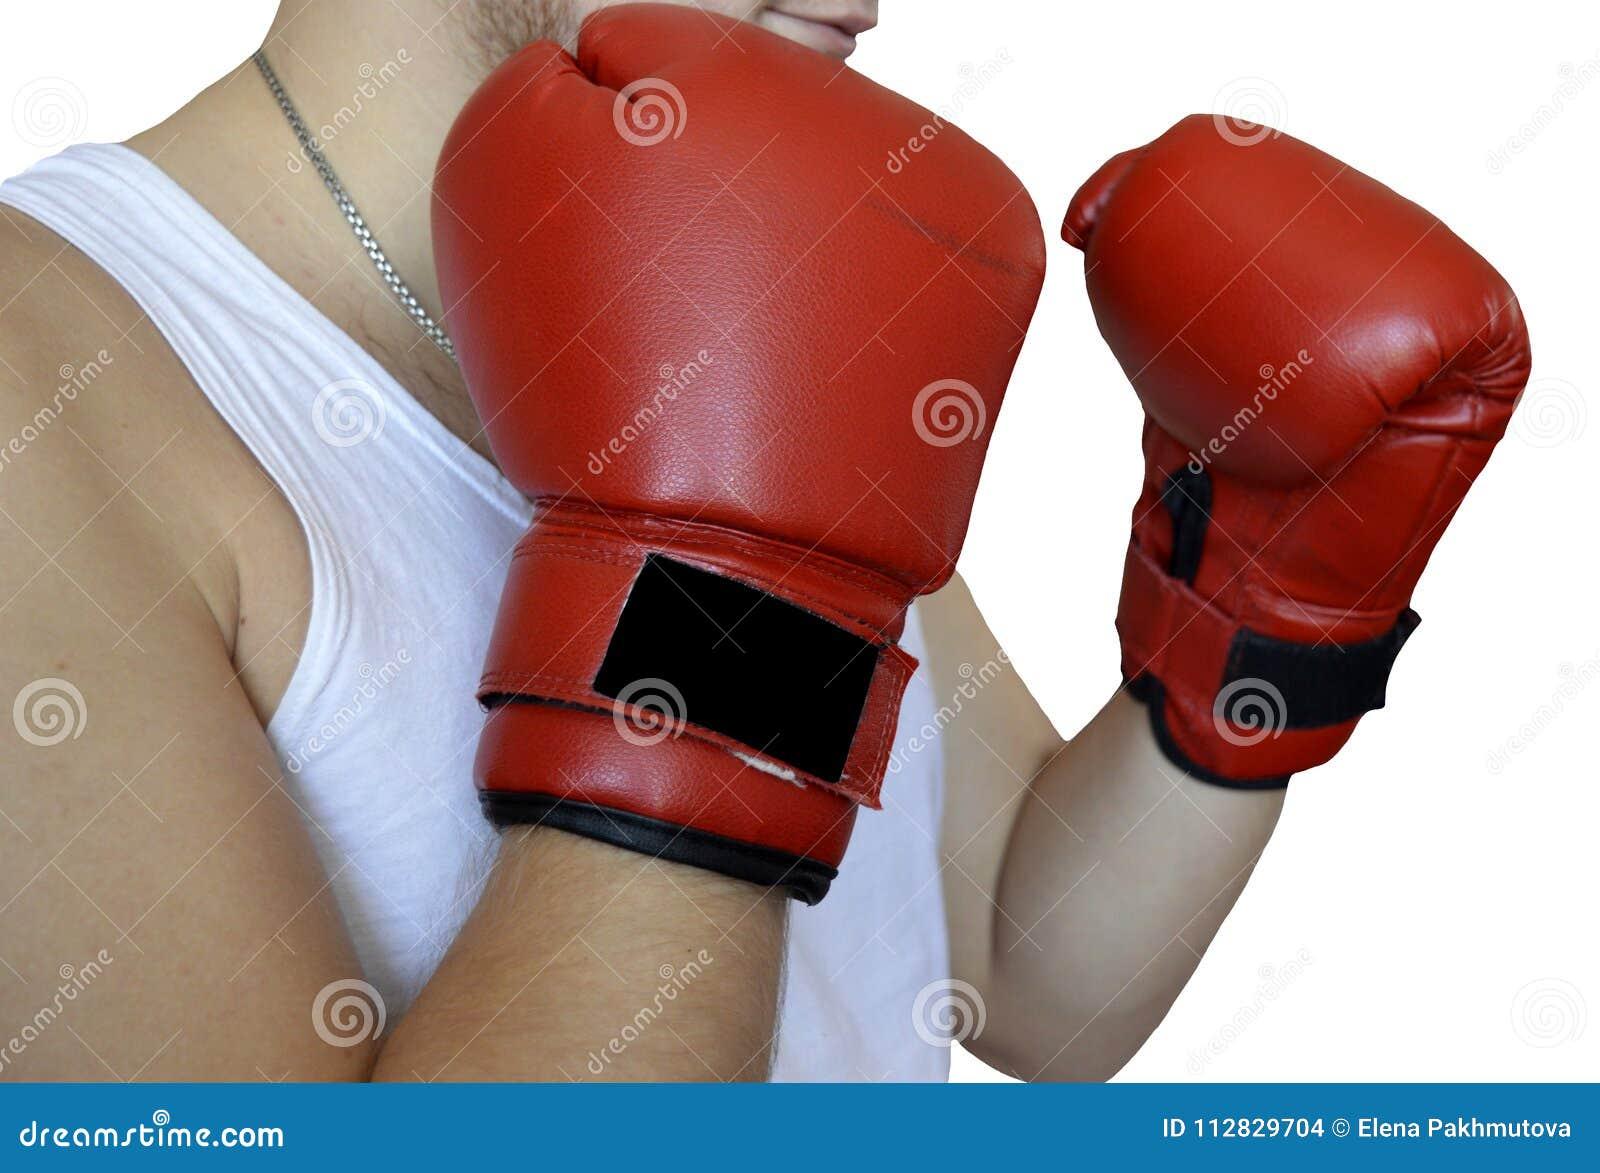 Boxeo, guante, rojo, deporte, caja, aislada, guantes, lucha, boxeador, guante de boxeo, blanco, equipo, sacador, competencia, luc